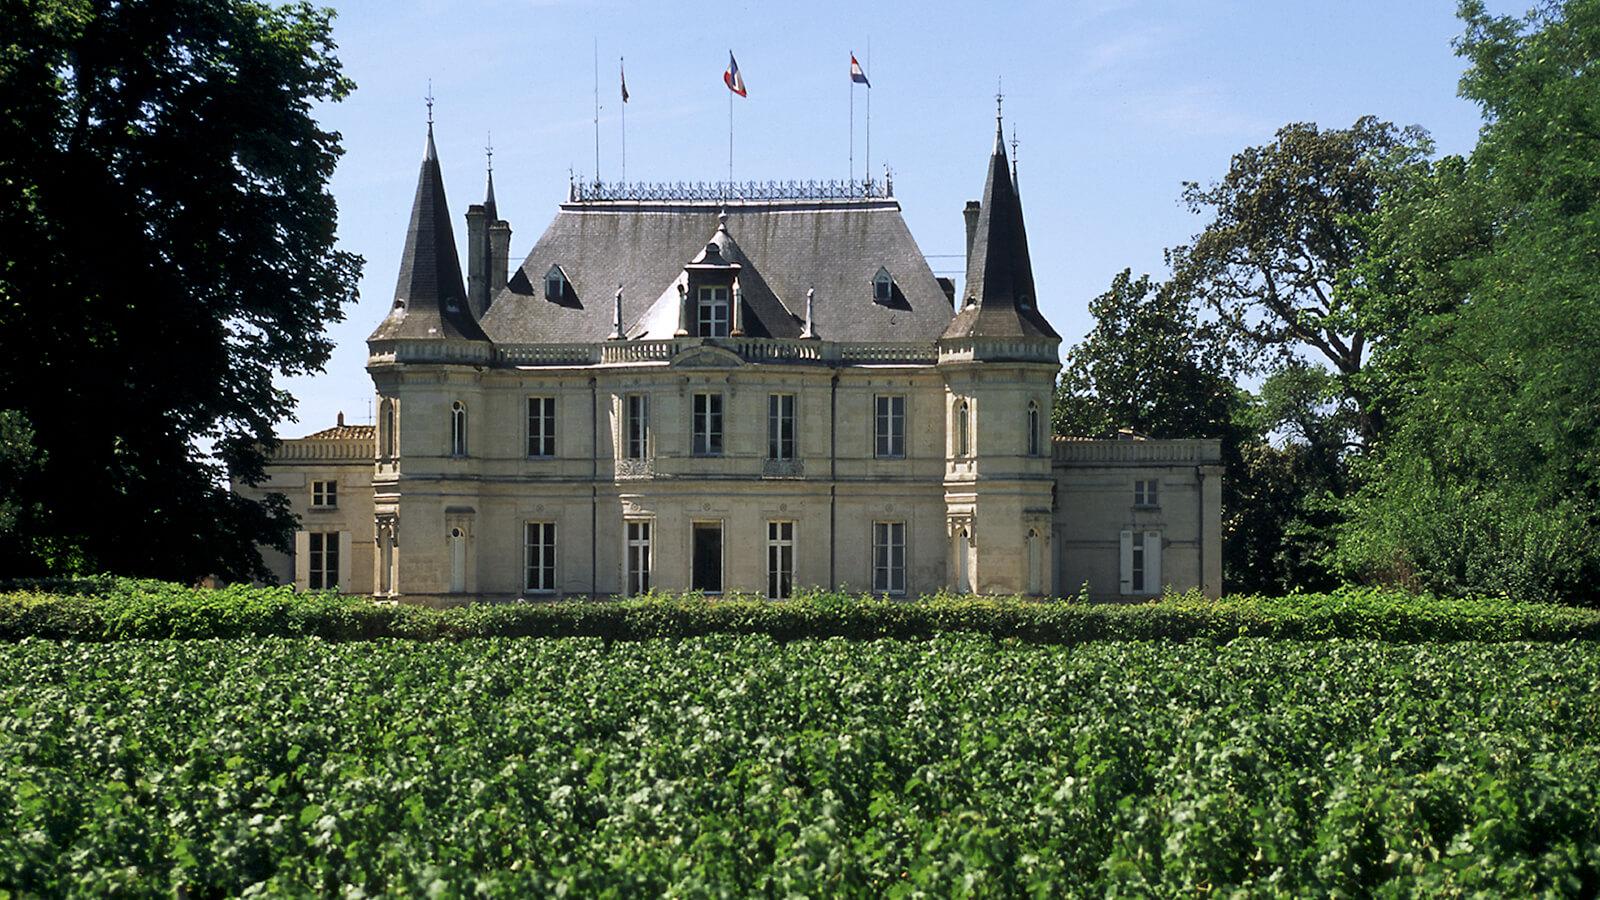 bordeaux, chateau, château, castle